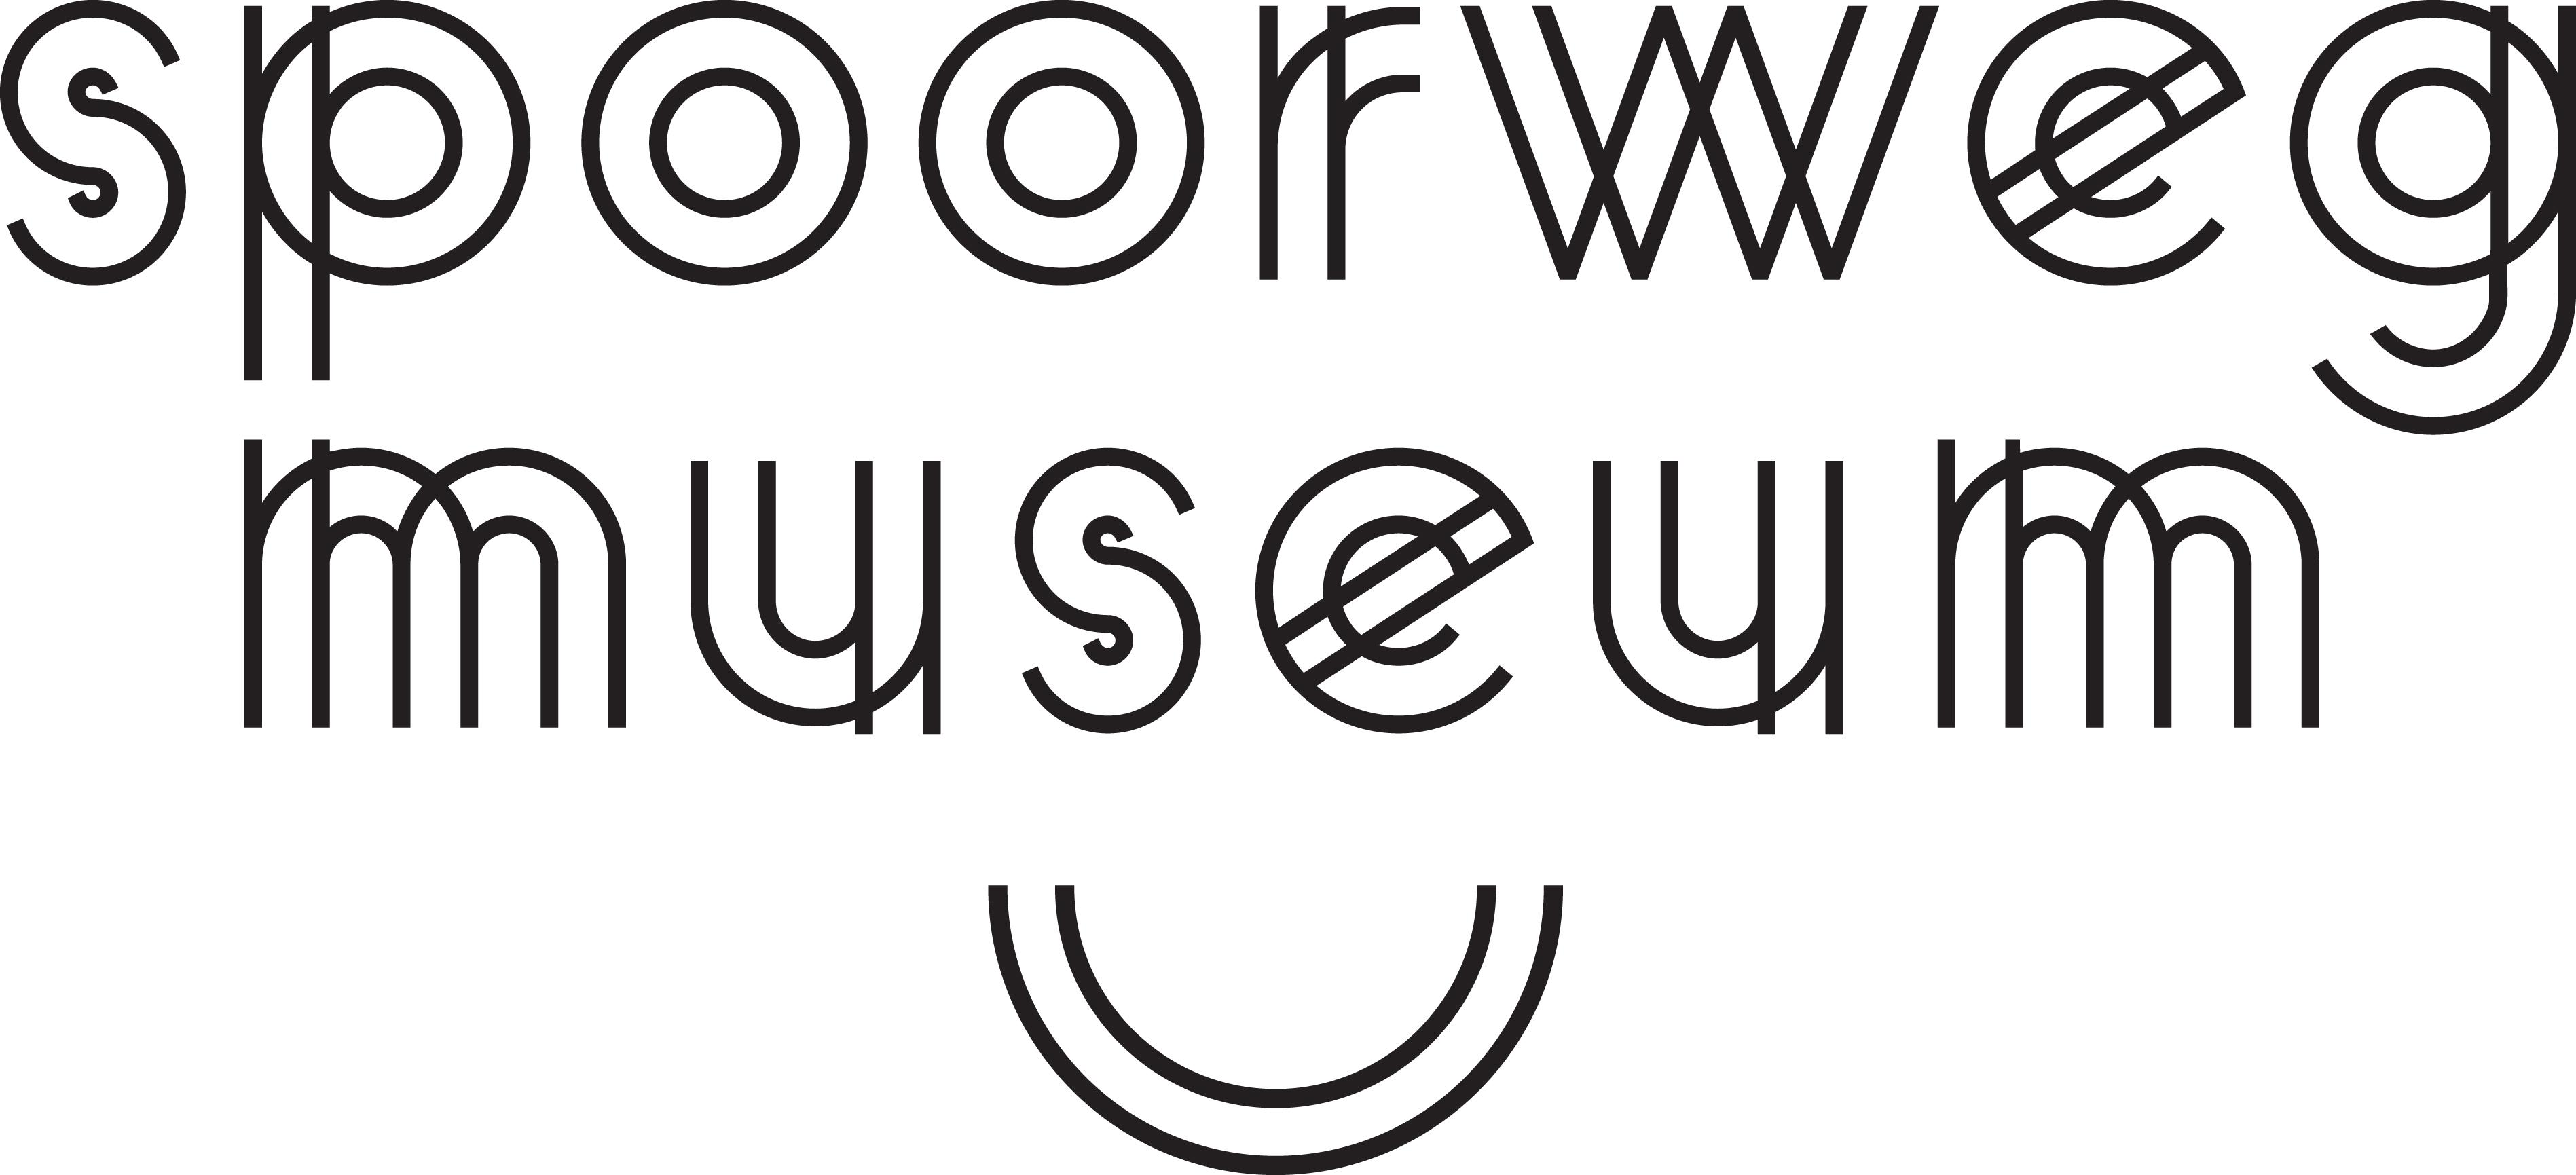 Spoorwegmuseum - Het Spoorwegmuseum neemt u graag mee op reis!